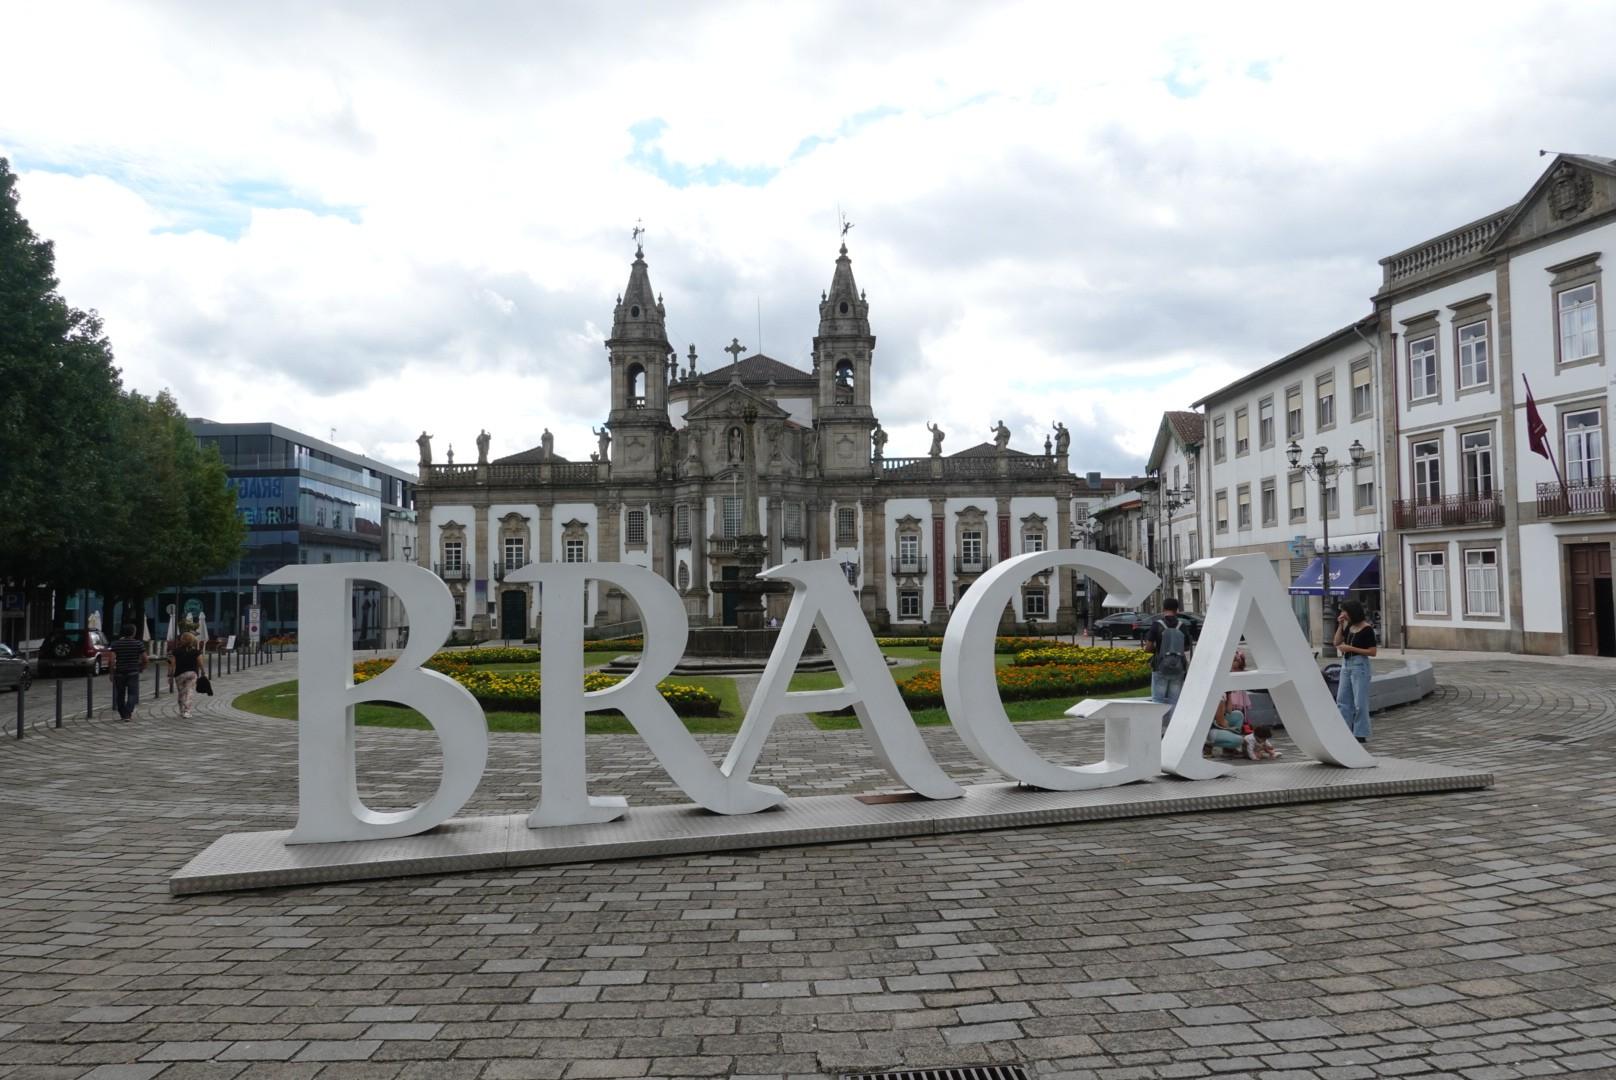 26 septembre : Braga